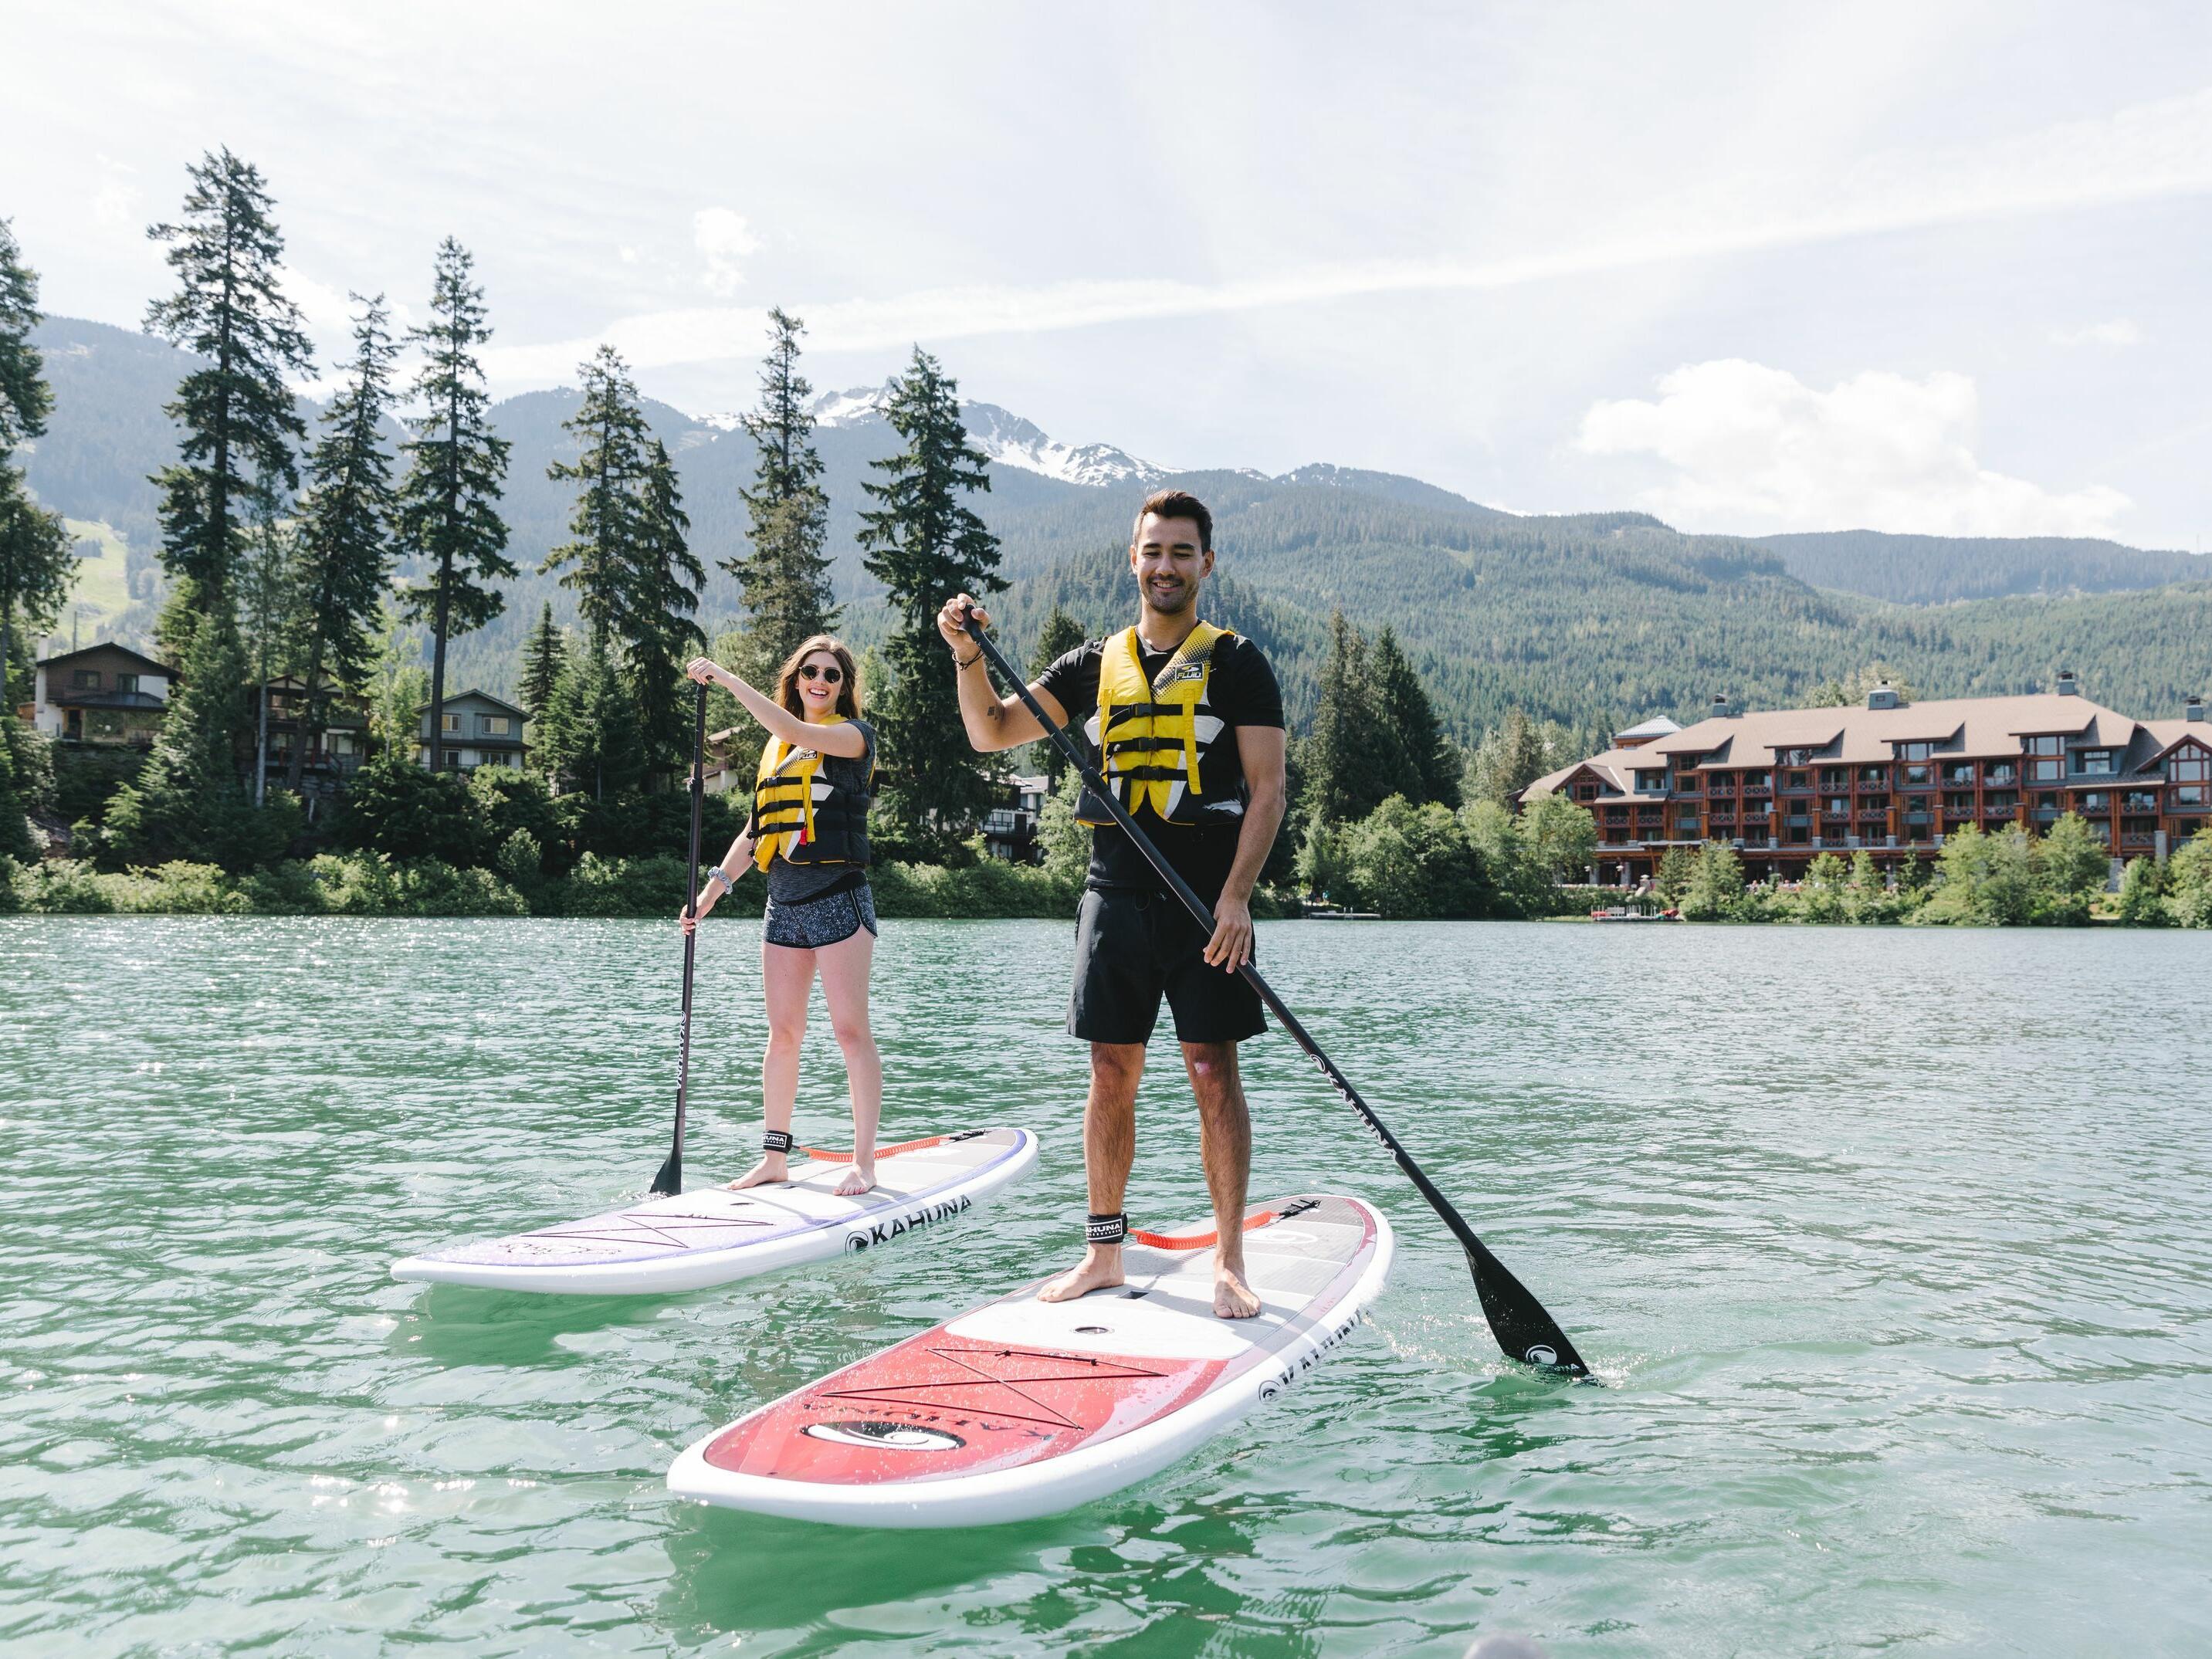 Nita Lake Lodge - Whistler Resort - Whistler BC